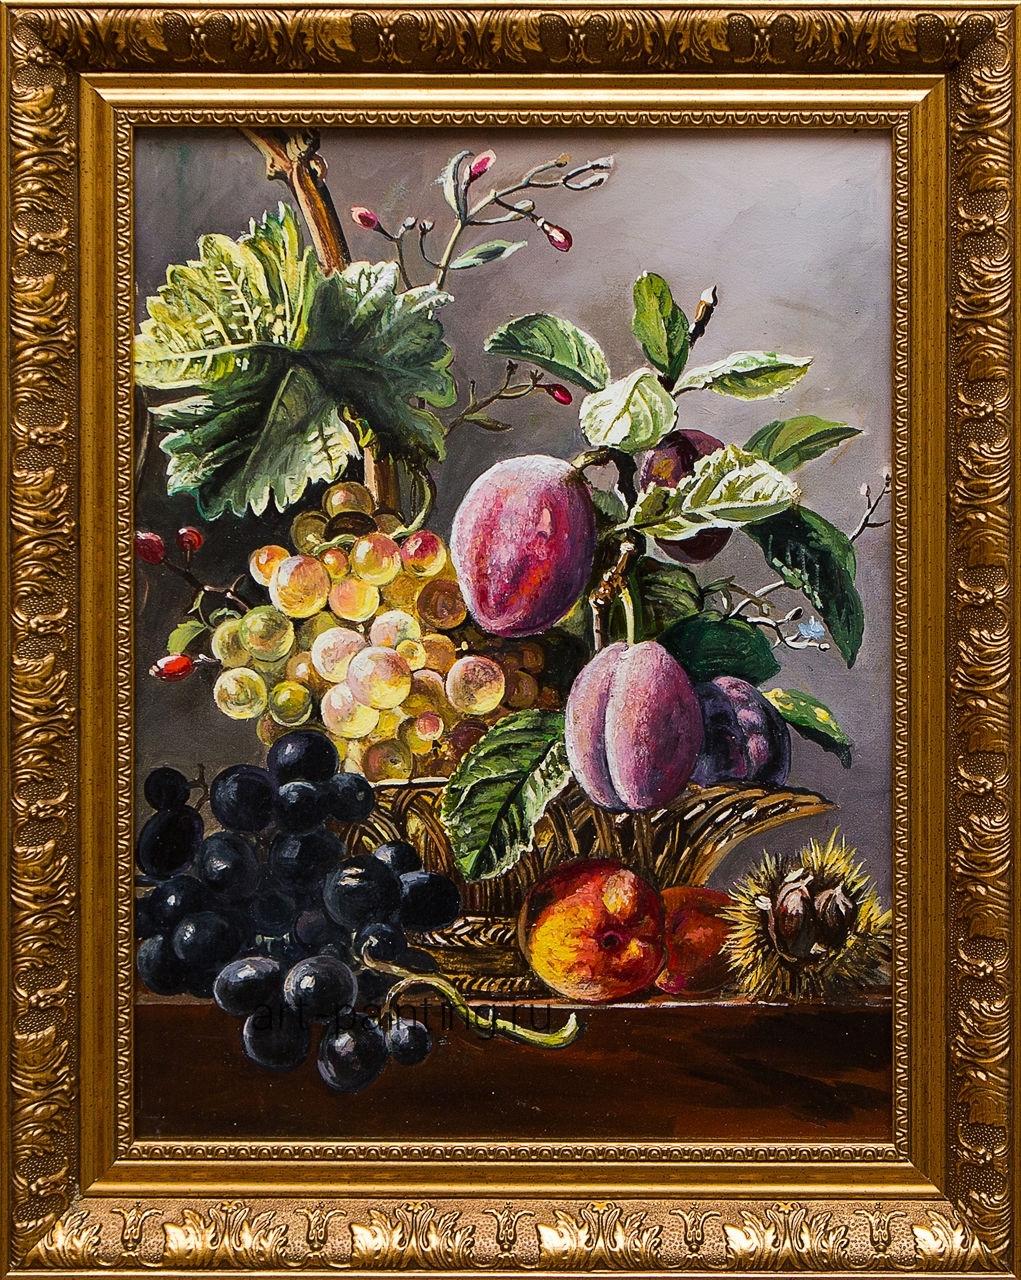 Картина маслом Натюрморт с фруктами Воробьёв картина маслом гуляки воробьёв